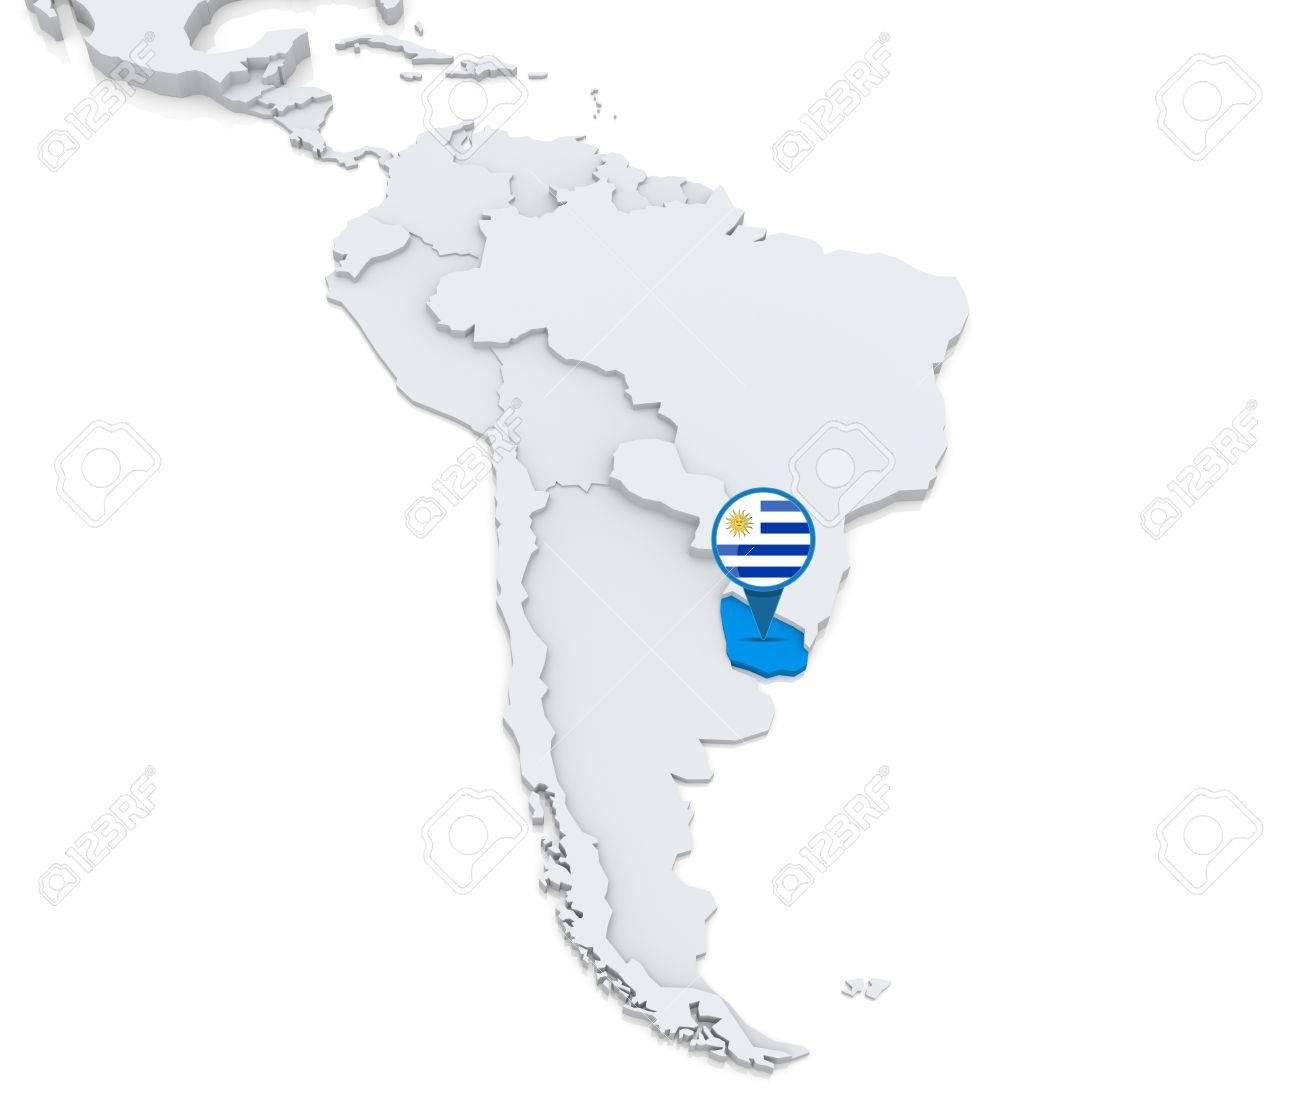 Hervorgehoben Uruguay Auf Der Karte Von Sudamerika Mit